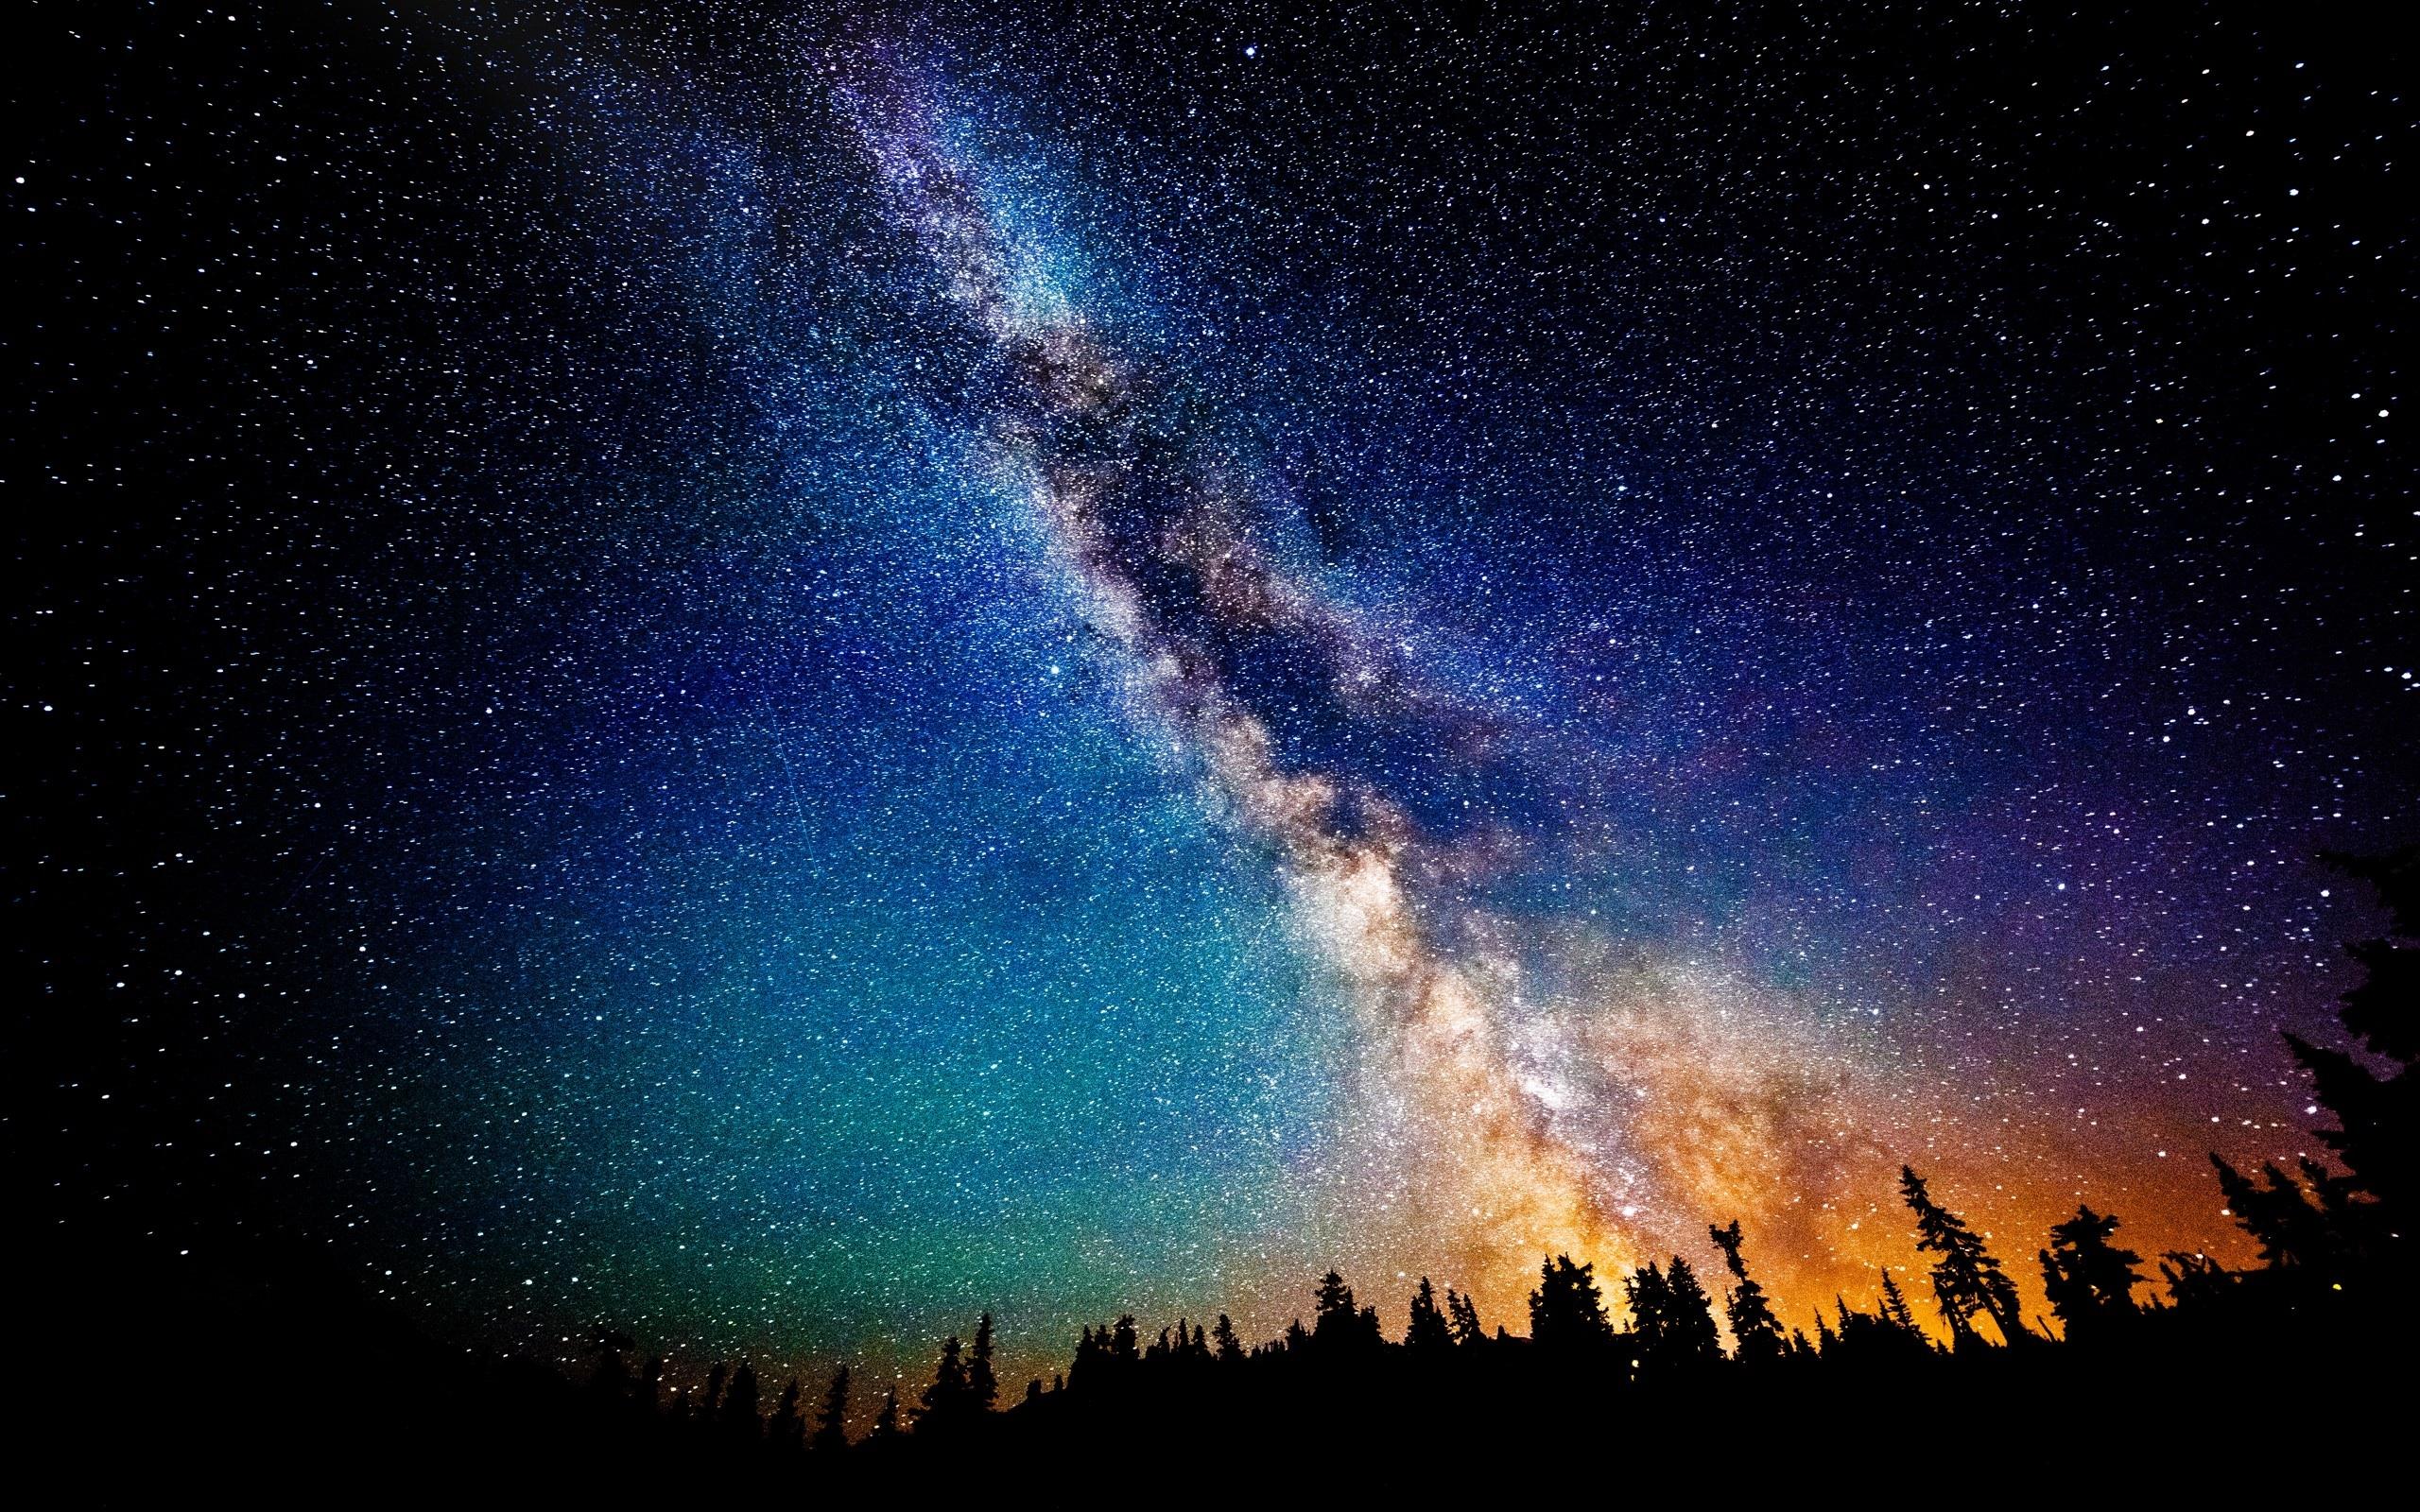 galaxy wallpaper 1 2560x1600